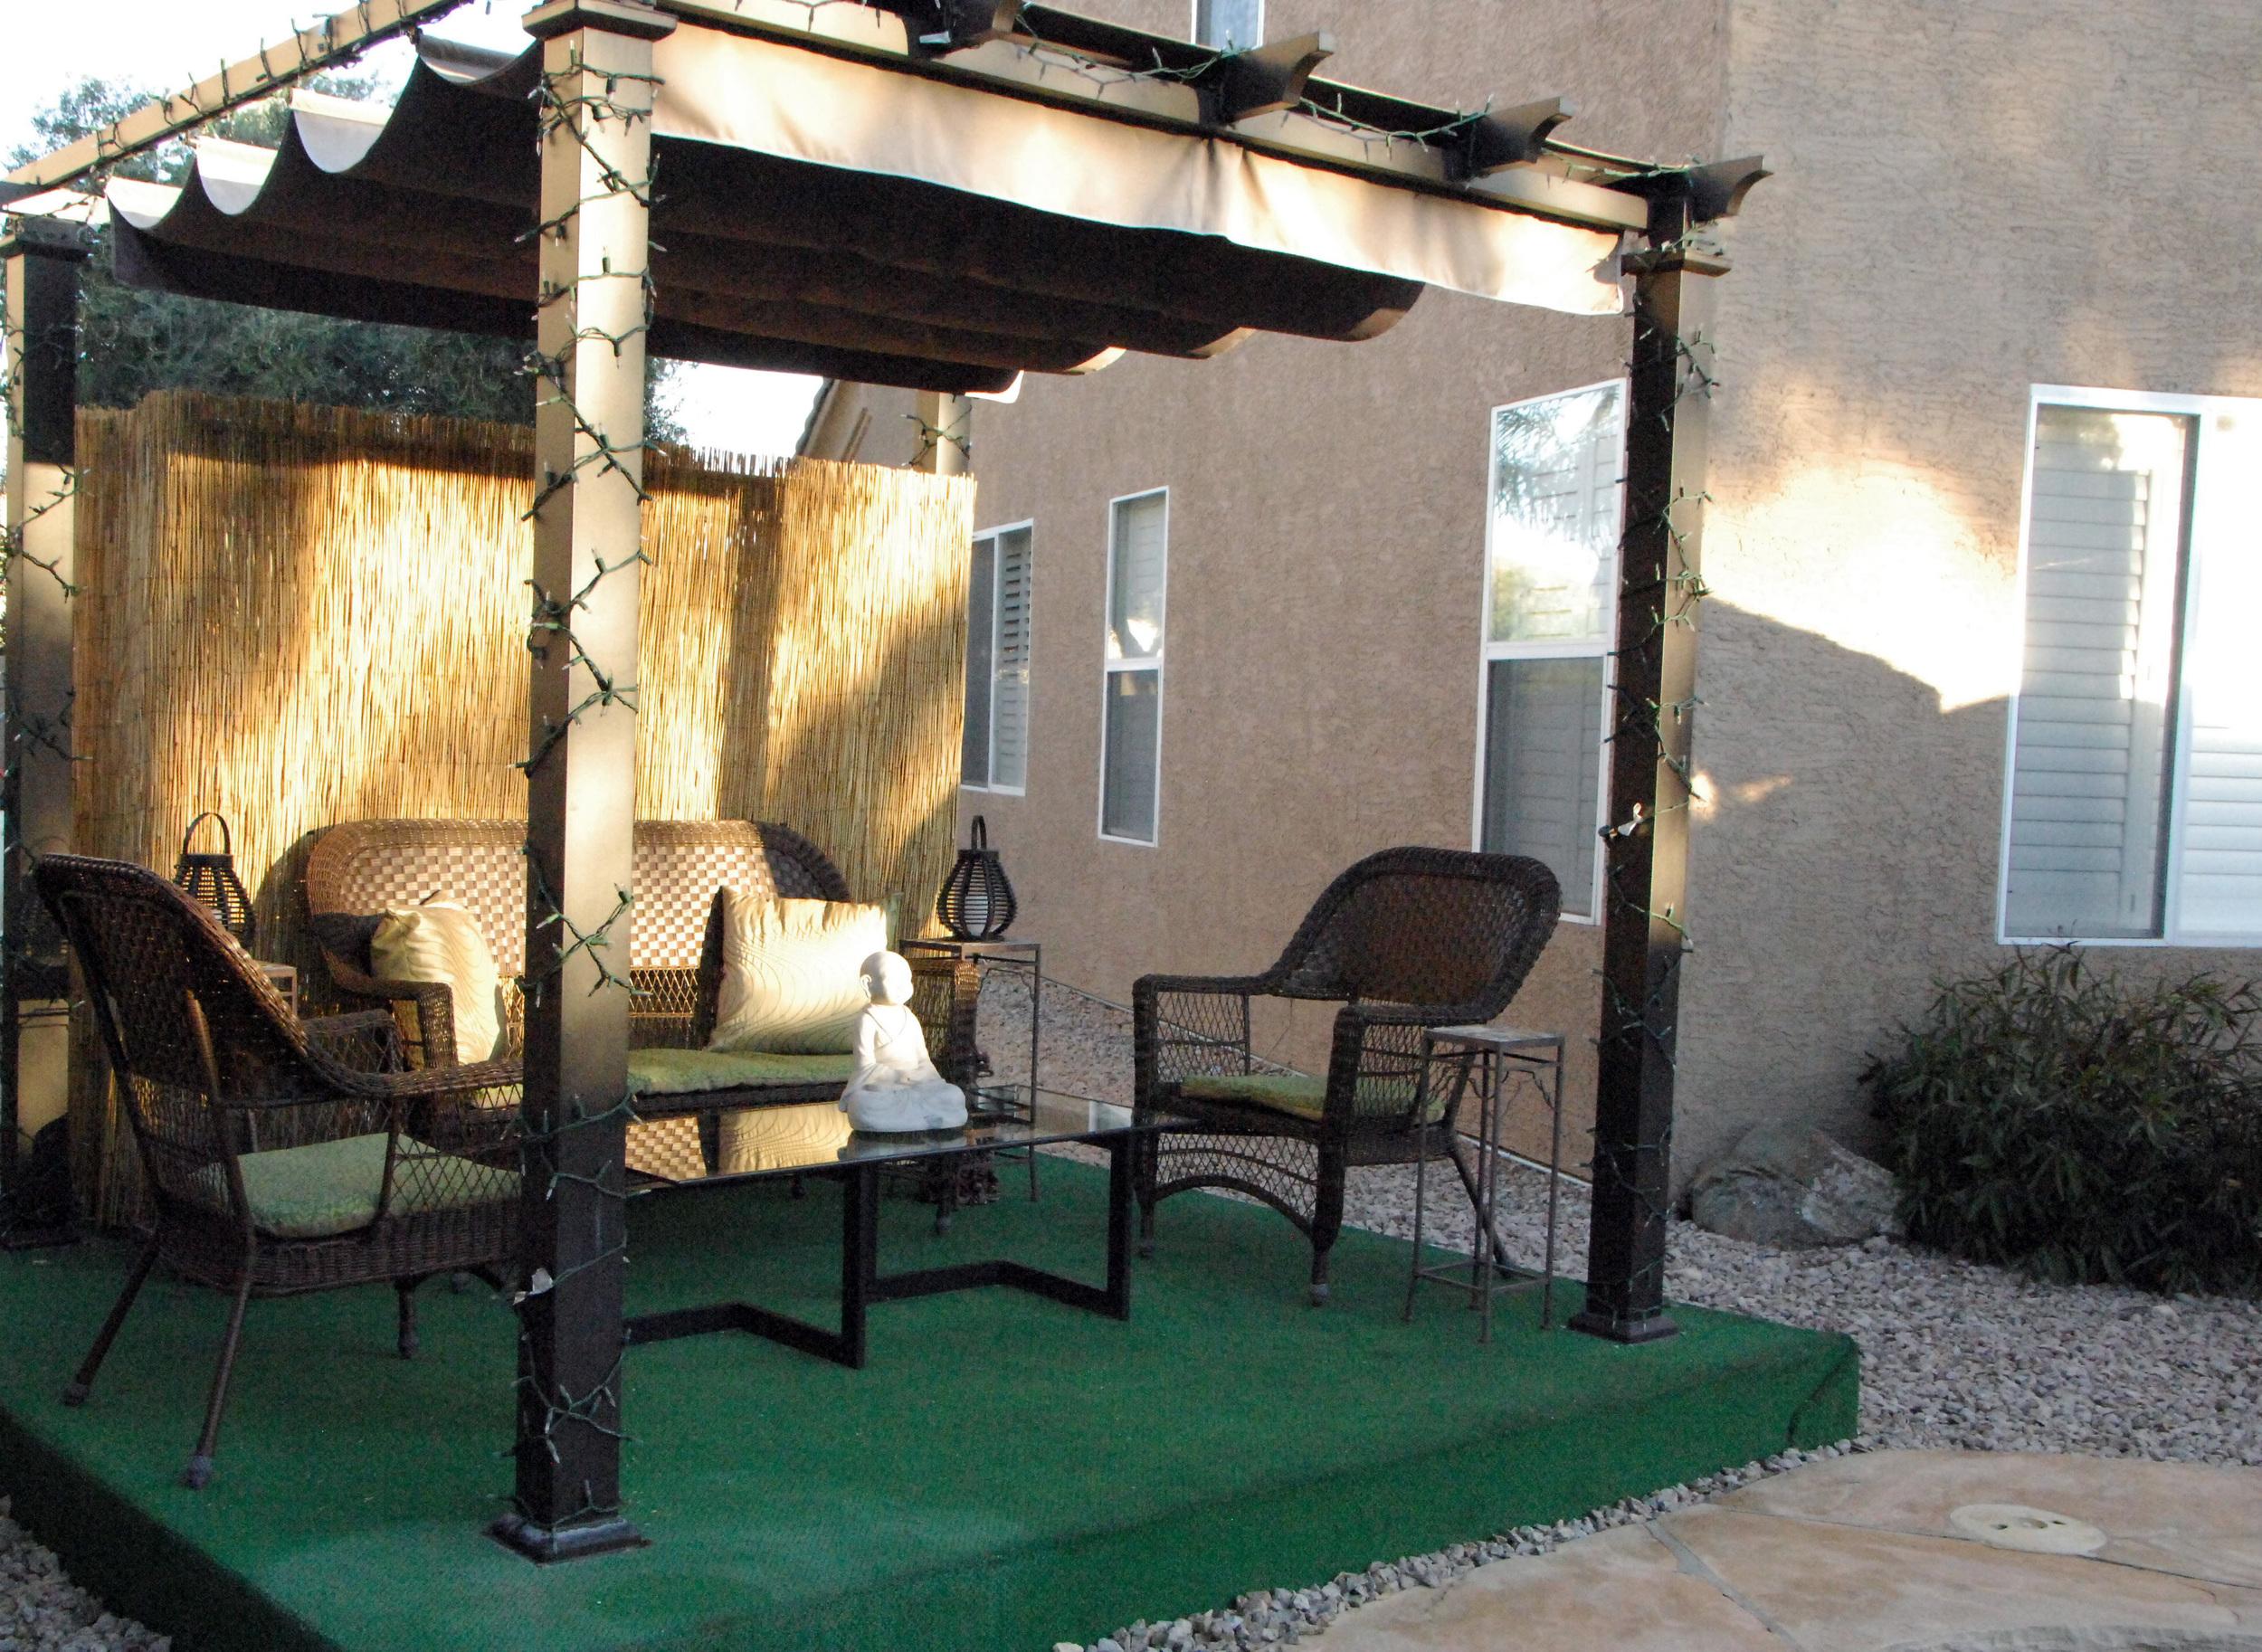 Backyard Photo 6.JPG